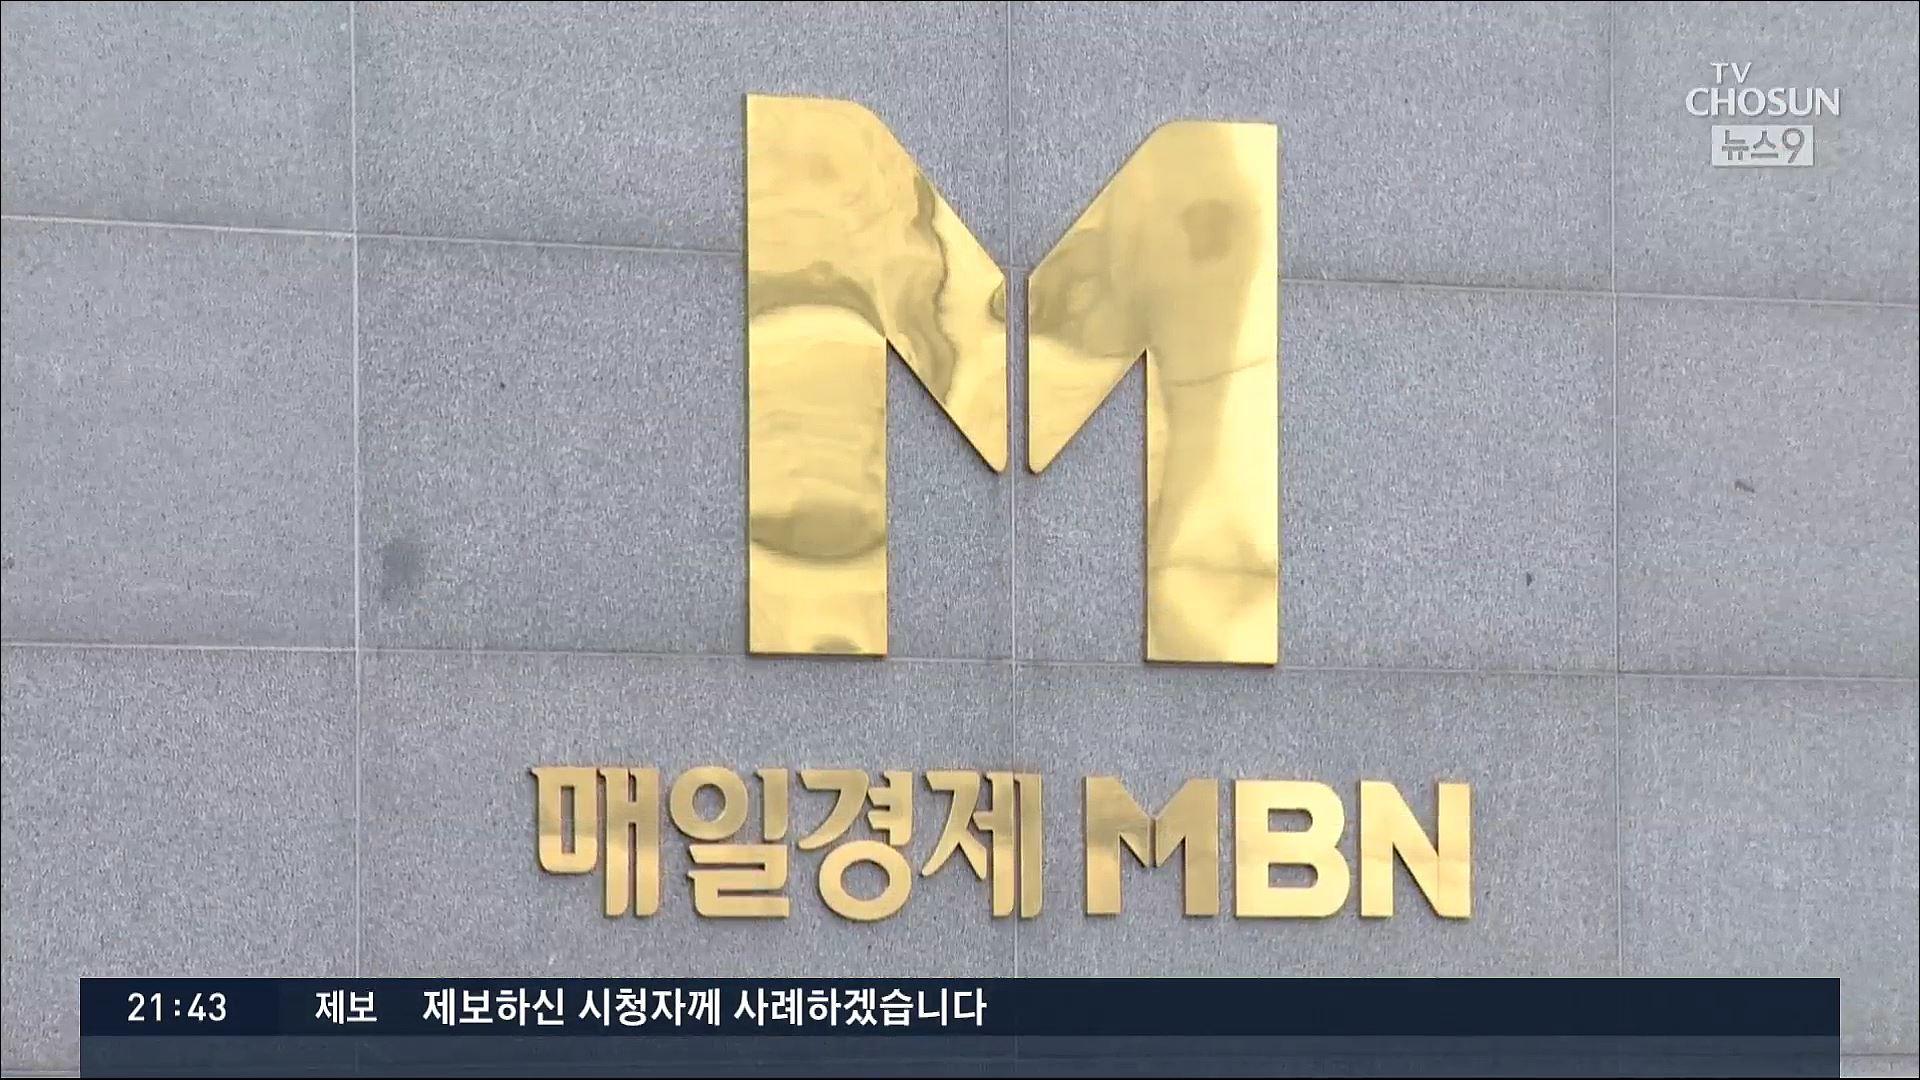 방통위, MBN 업무정지 6개월 처분…내년 5월부터 방송 못해